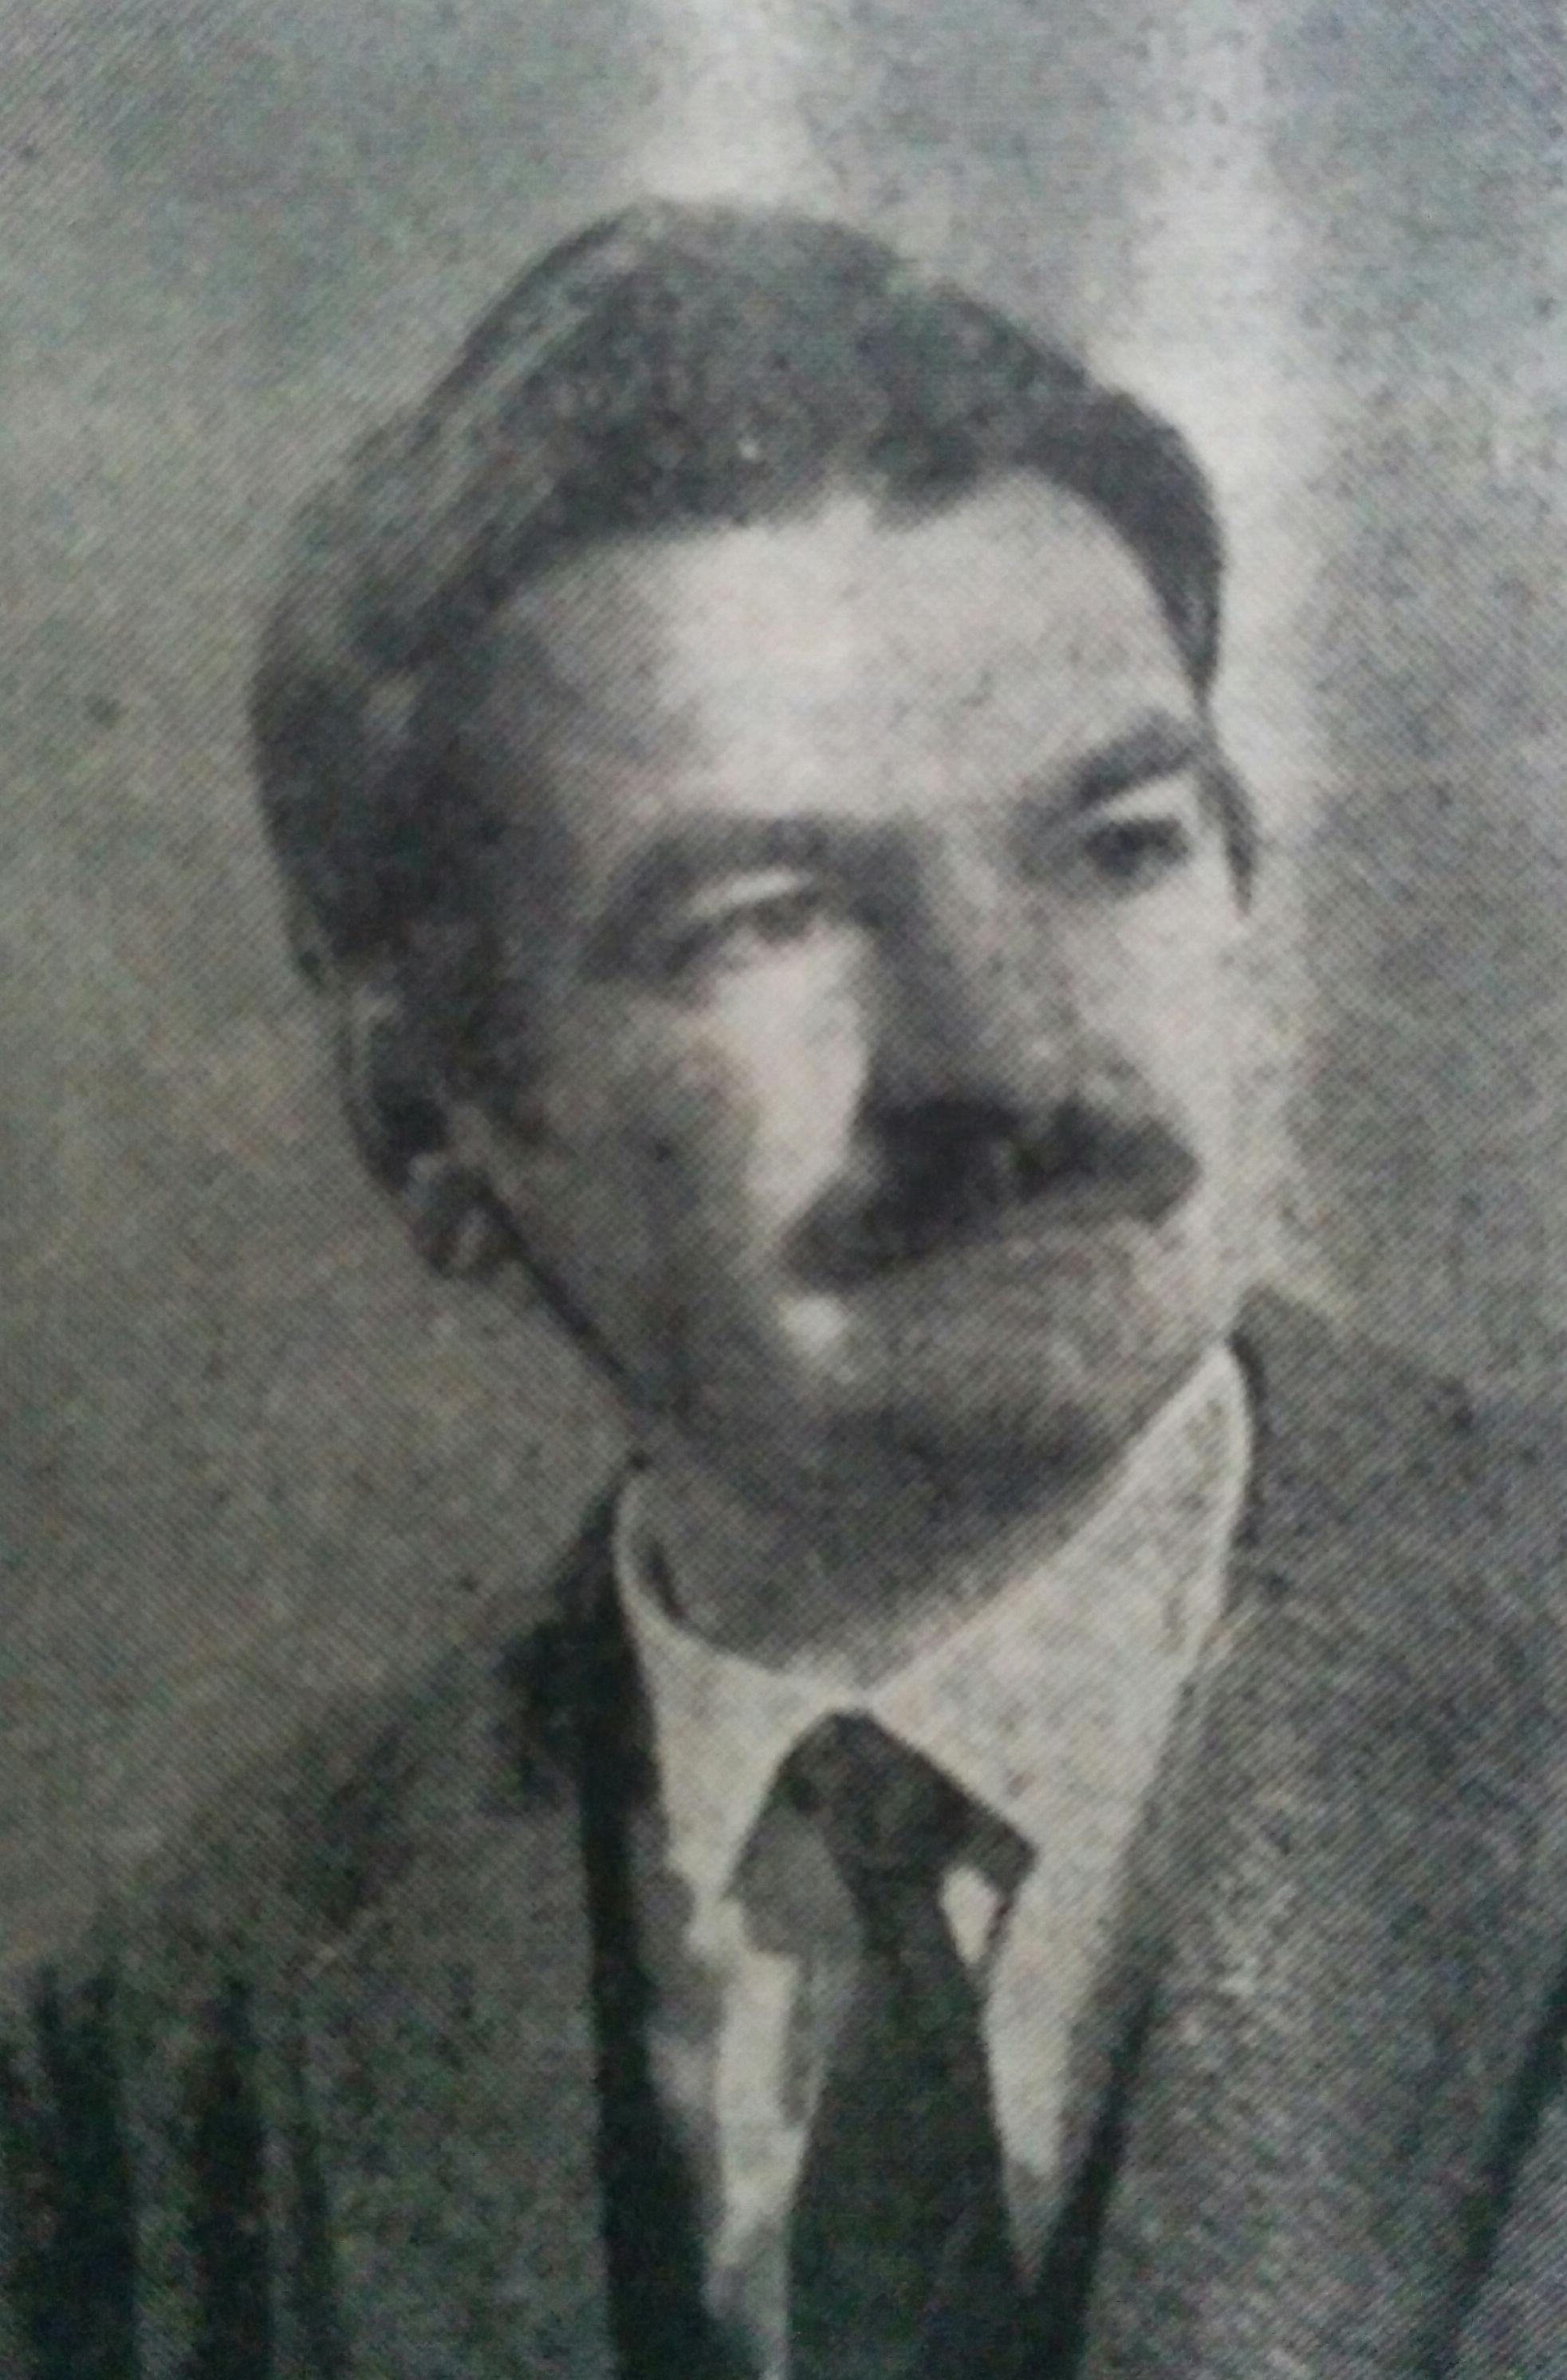 El poeta, Serafín Miguel Mastropierro, nacido el 17 de septiembre de 1927.